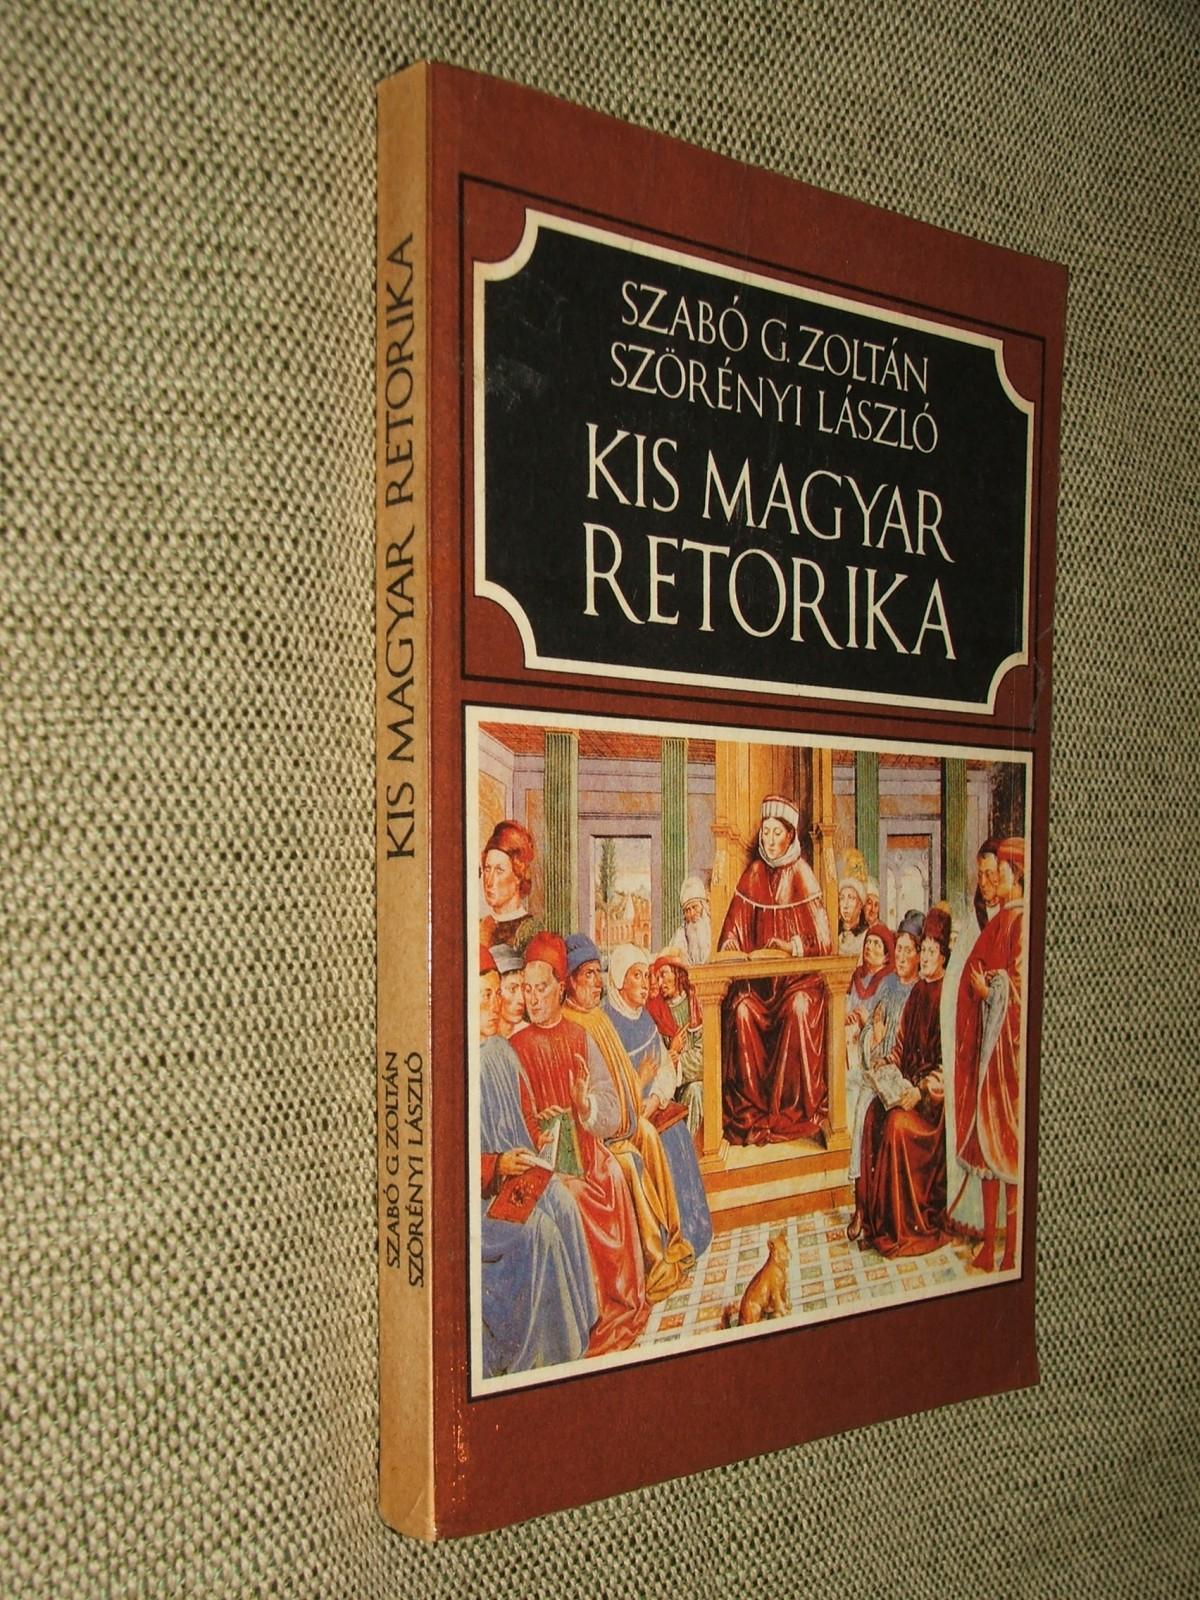 SZABÓ G. Zoltán – SZÖRÉNYI László: Kis magyar retorika